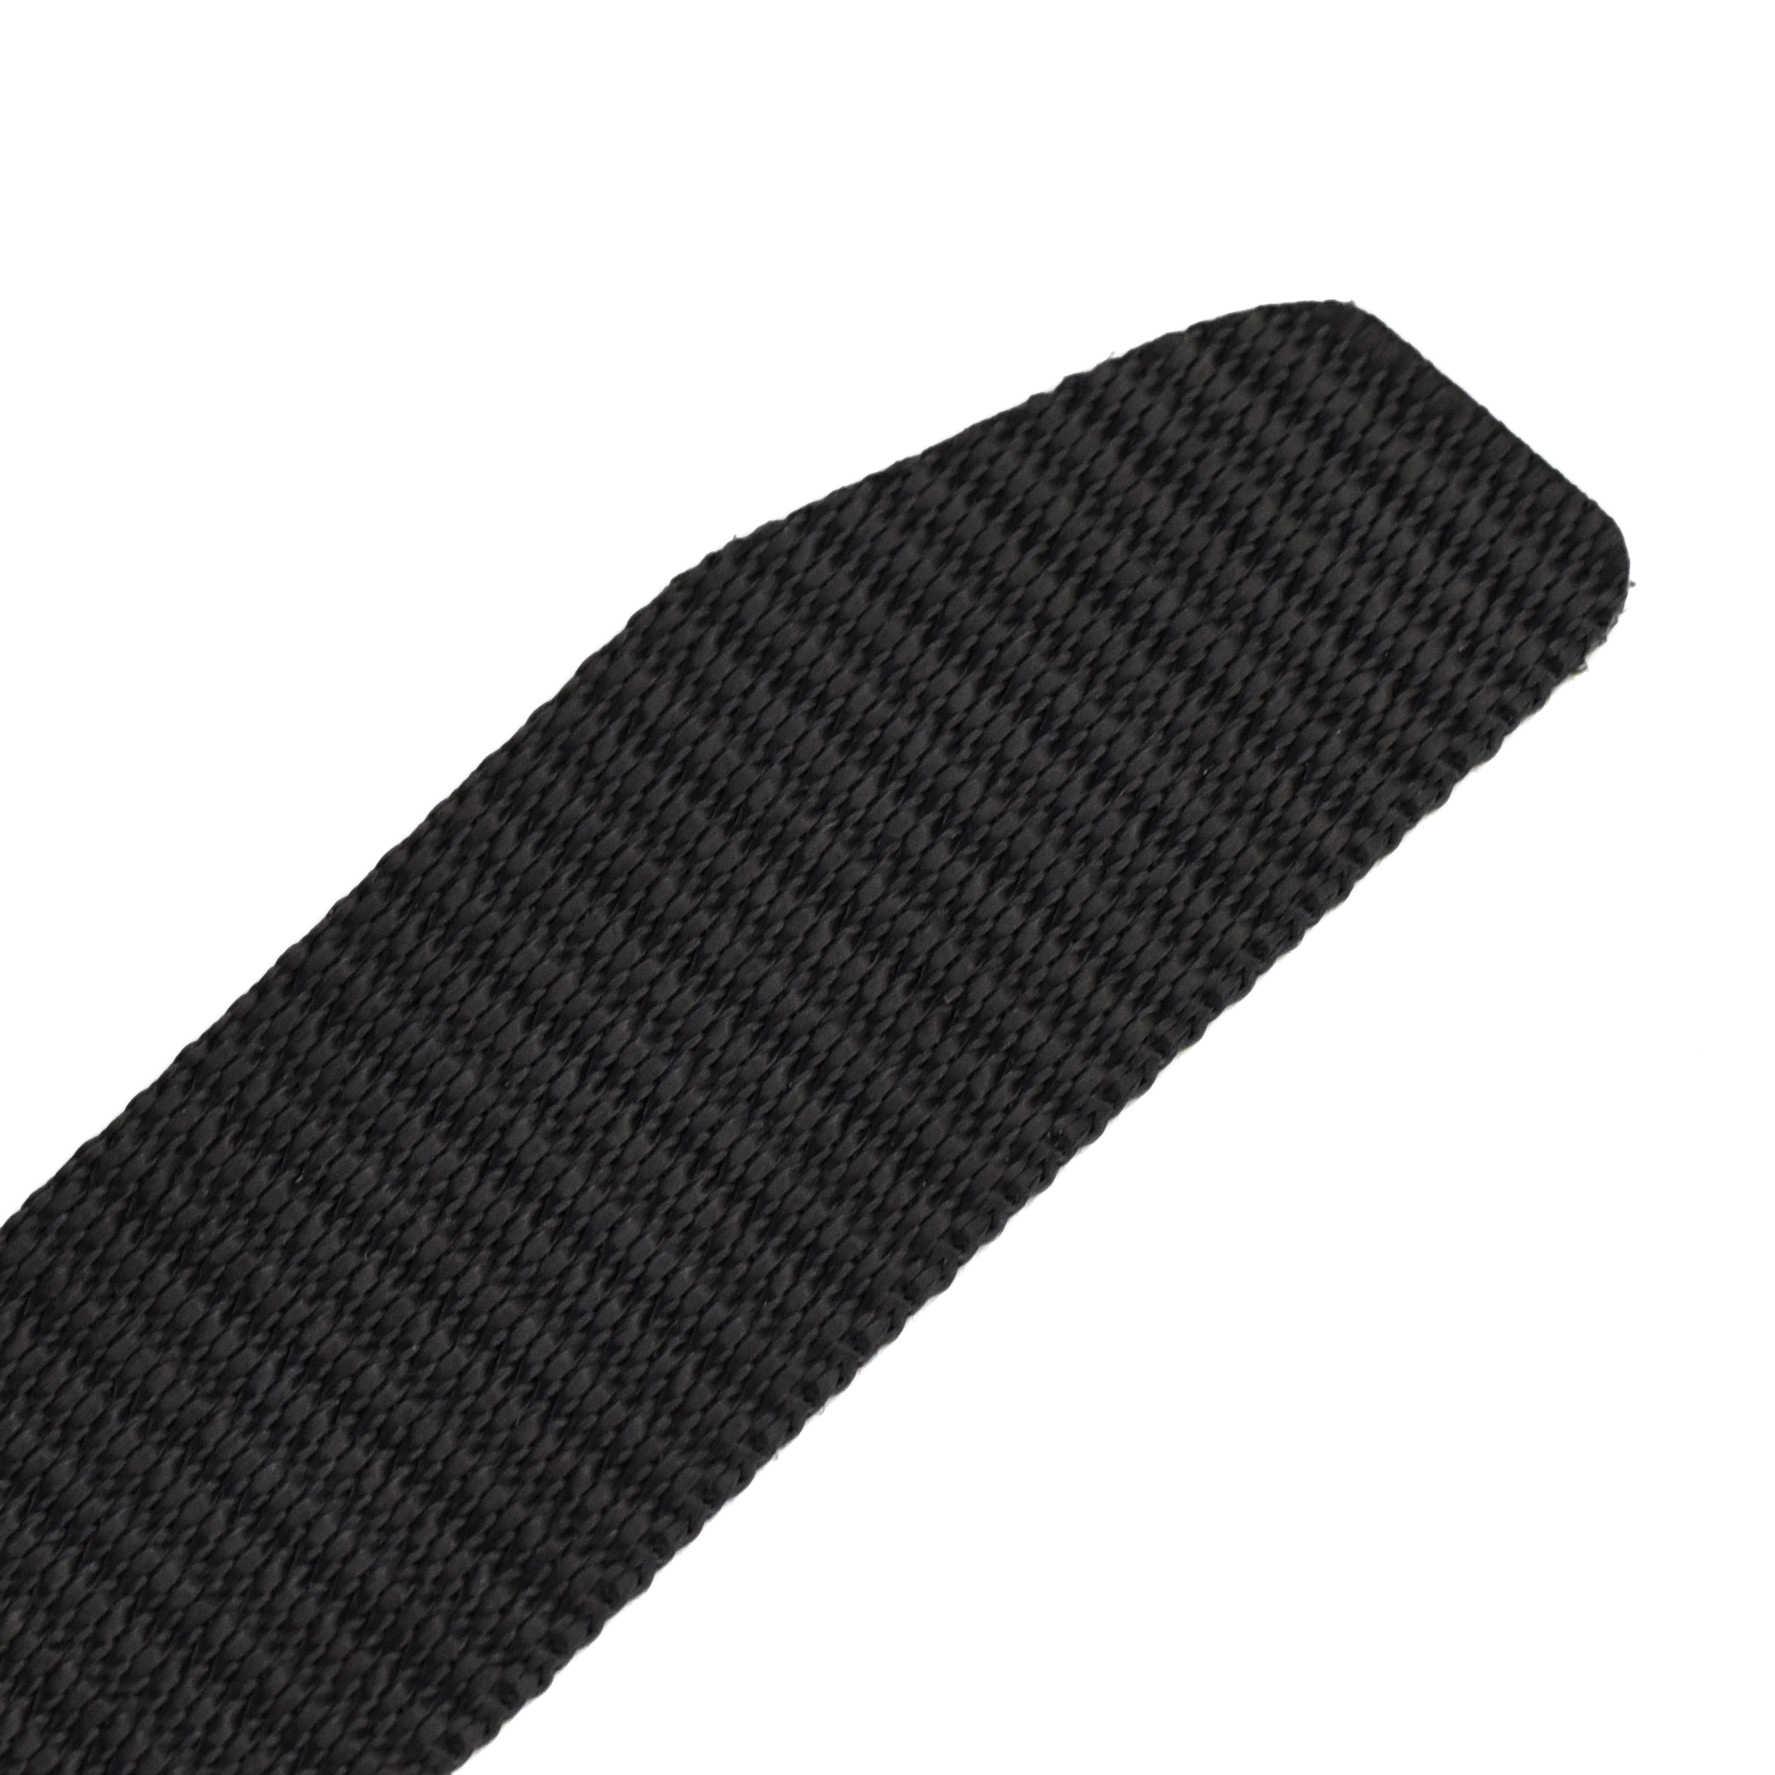 Высокое качество, черный сплав, автоматическая пряжка, тактический ремень для мужчин, поясной ремень, Холщовый ремень, джинсы 120 см/3,8 см Ширина